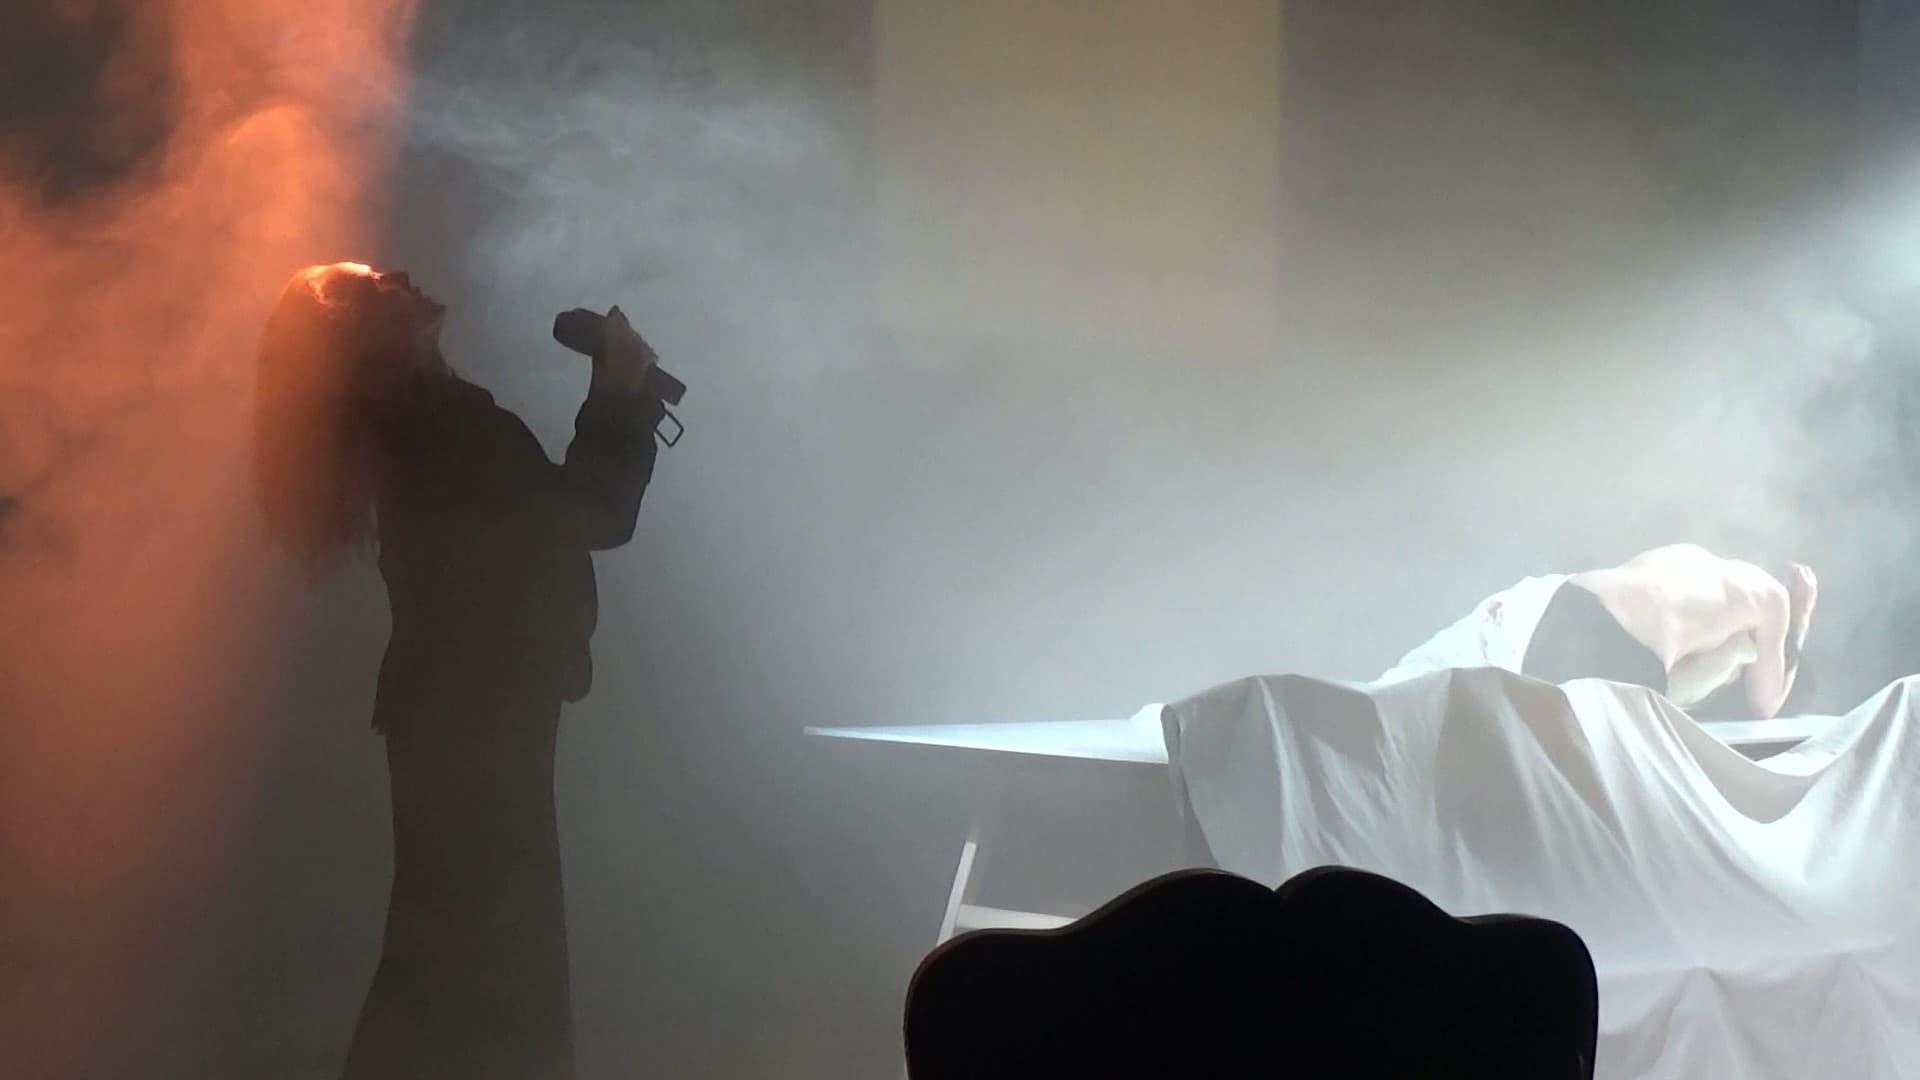 Θέατρο Όροφως: Μια νέα εστία πολιτισμού κάνει πρεμιέρα στην Πάτρα